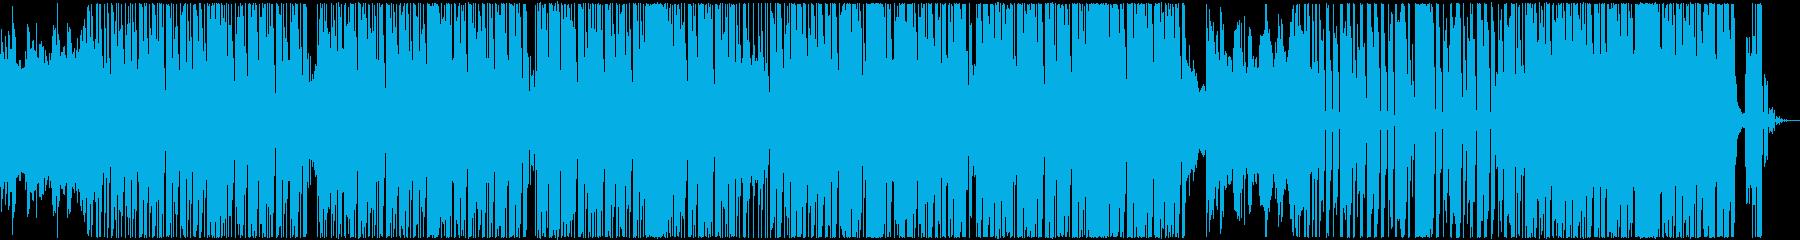 レゲトン研究所大胆なベースループを...の再生済みの波形